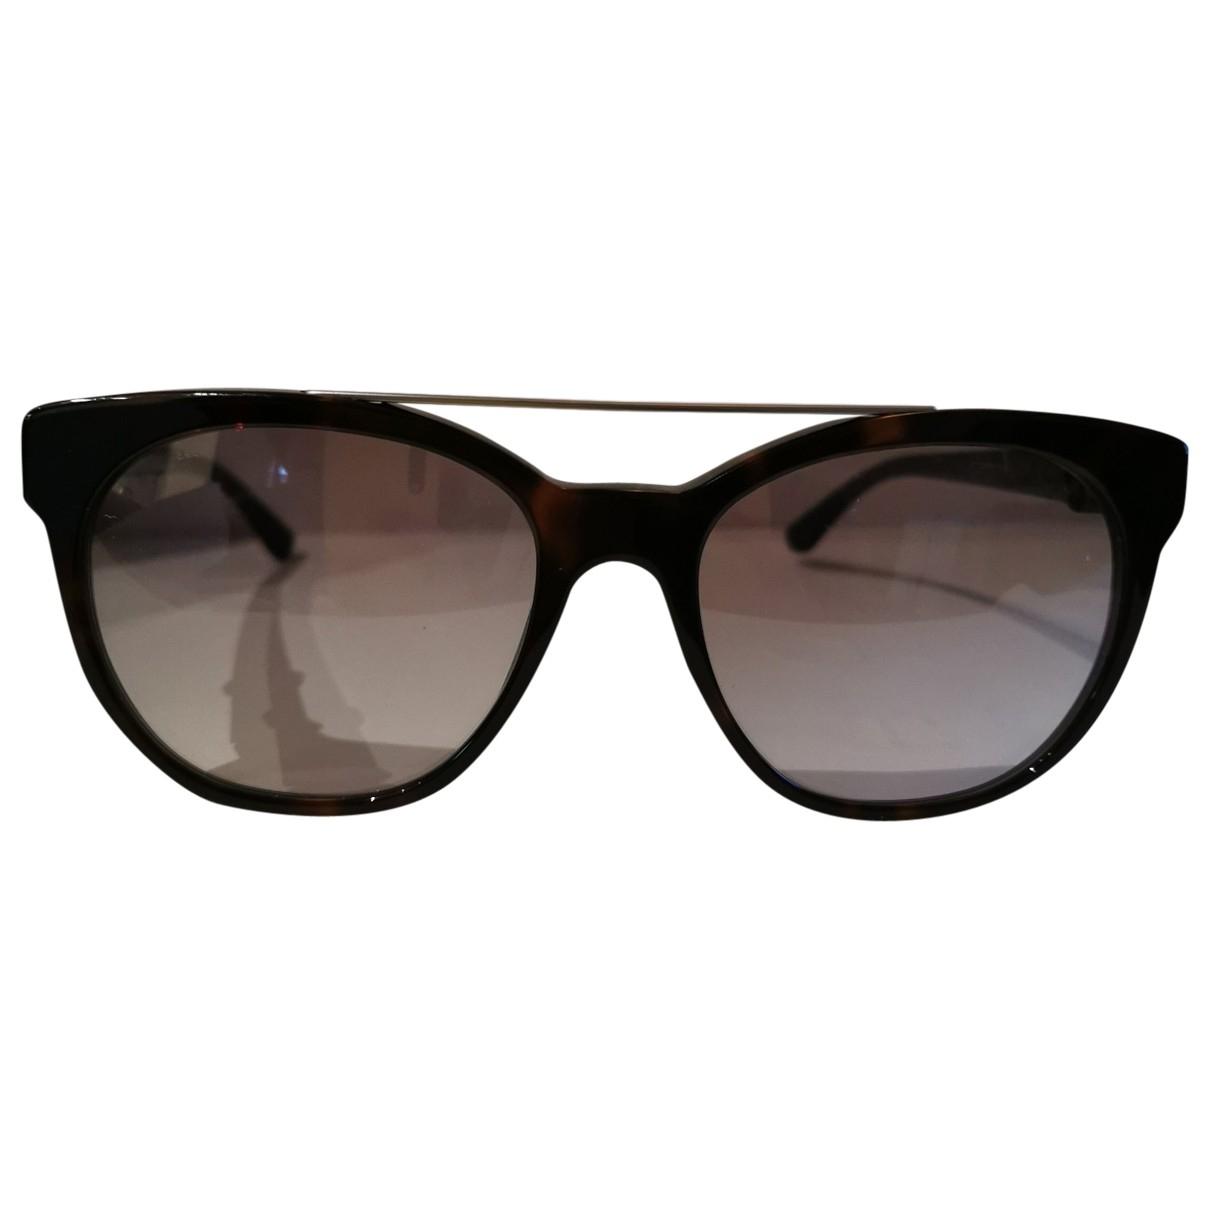 Giorgio Armani - Lunettes   pour homme - marron